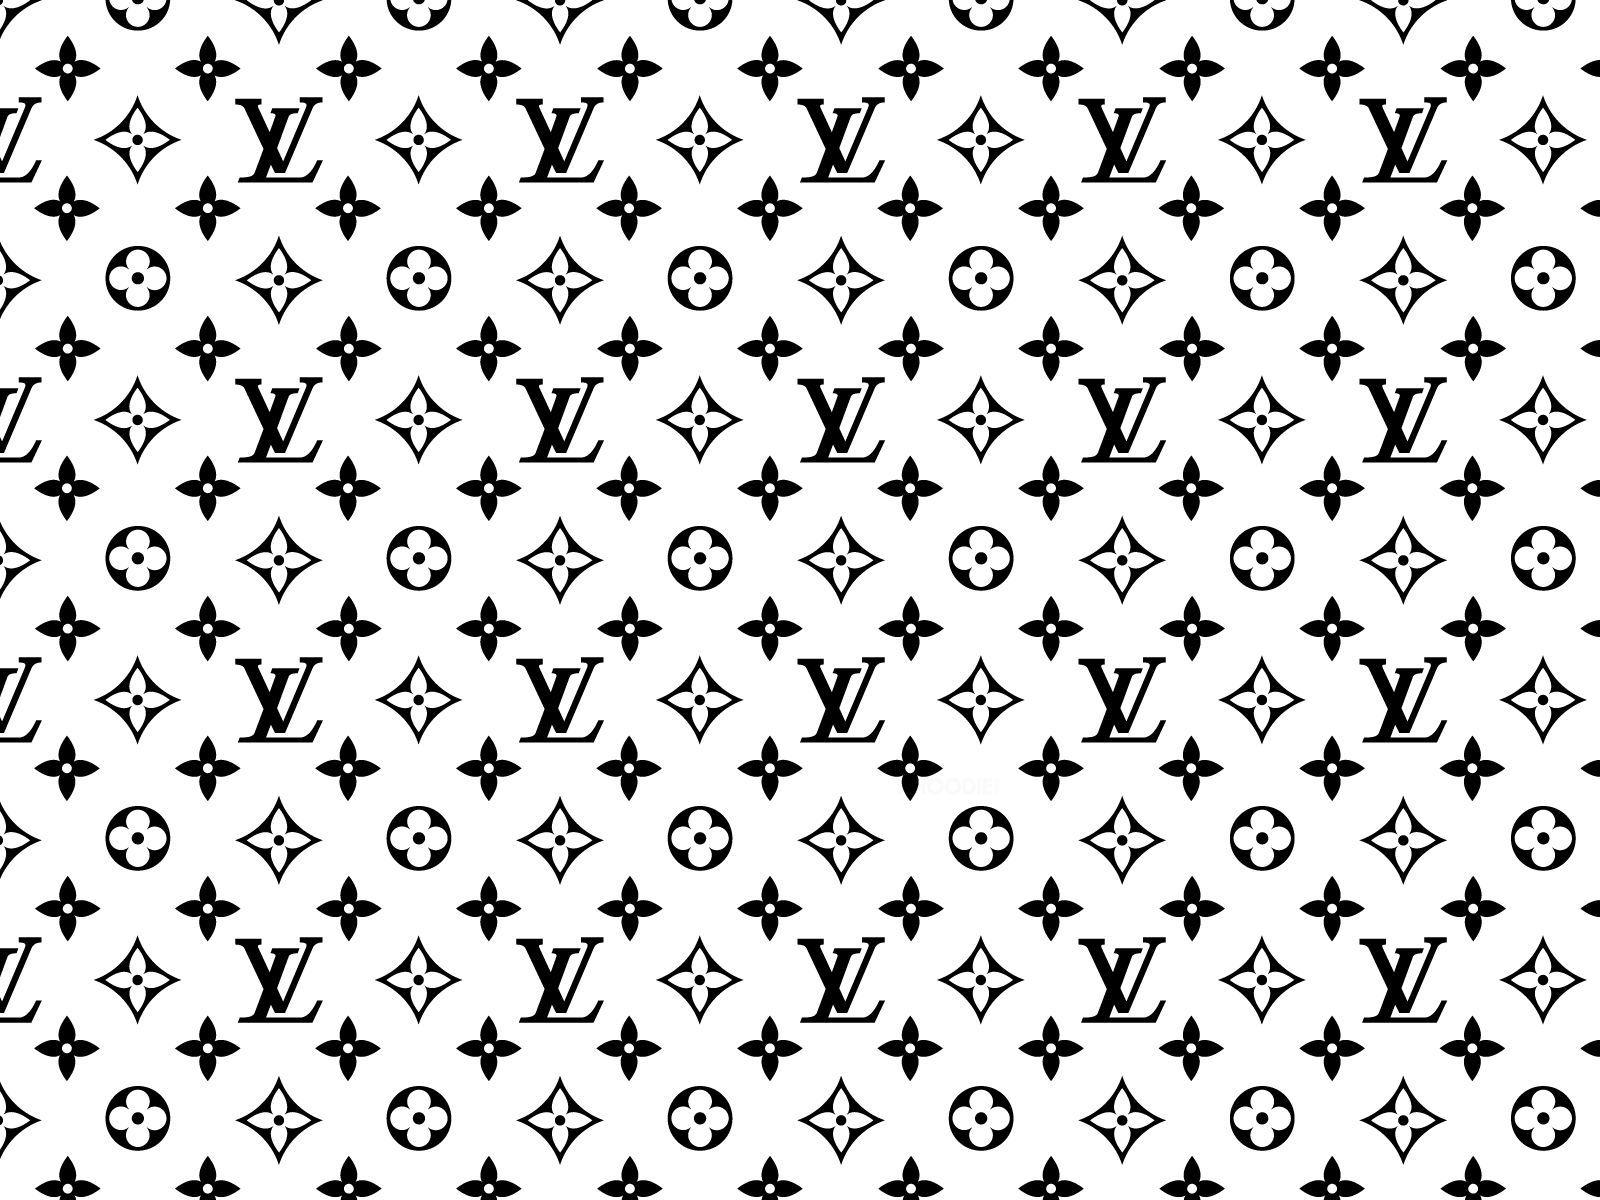 Louis Vuitton Iphone Wallpaper 1600x1200